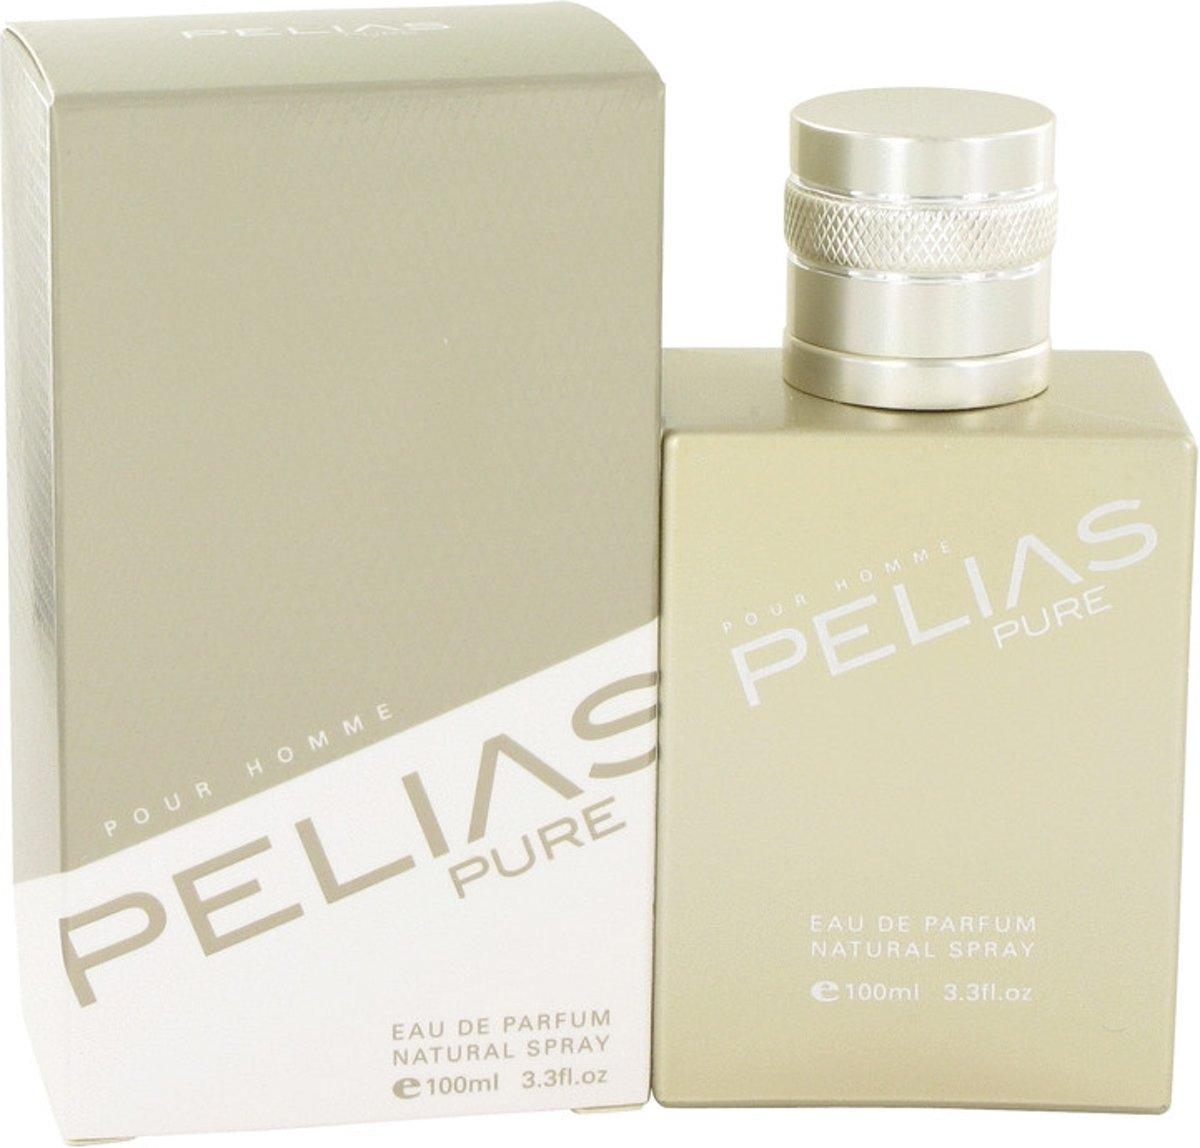 | YZY Perfume Pelias Pure Yzy Perfume 100 ml Eau